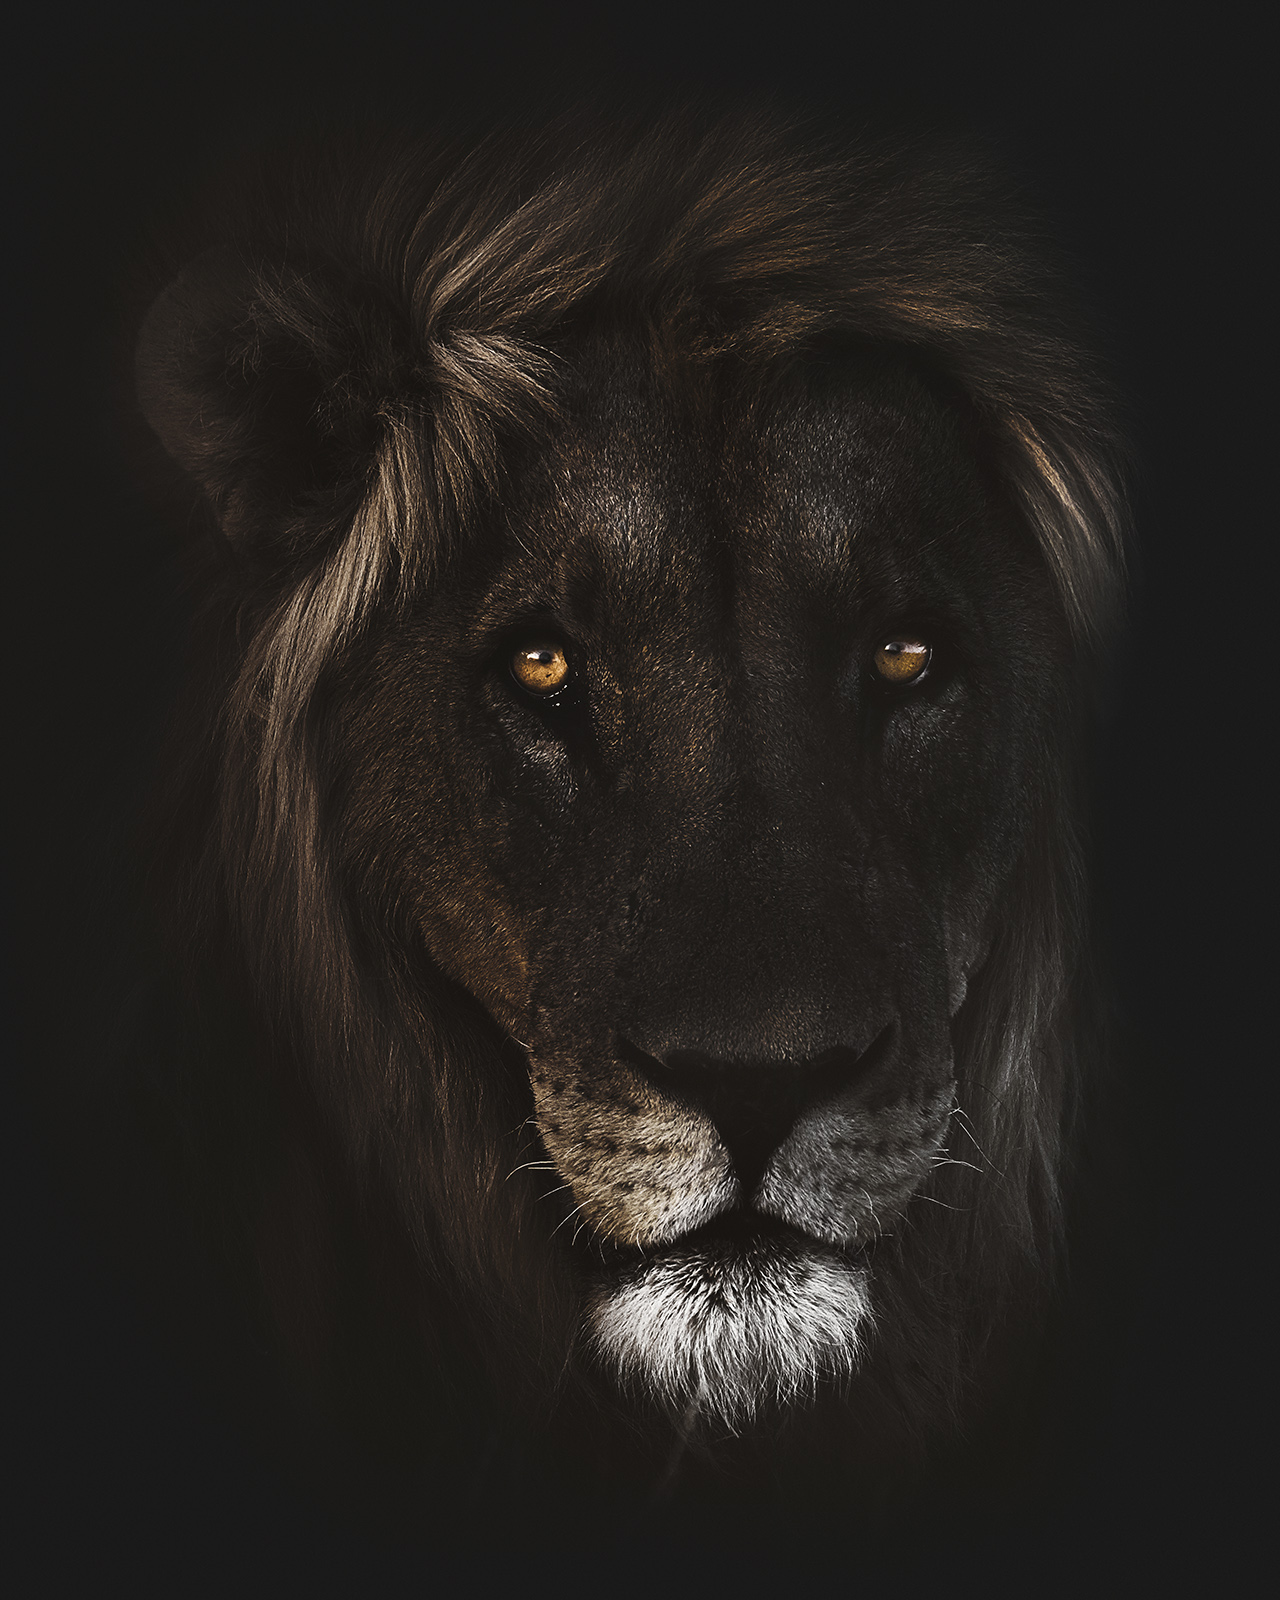 """""""Hannibal"""" Kopf eines Löwe mit Imposanter Mähne der aus der Dunkelheit kommt"""